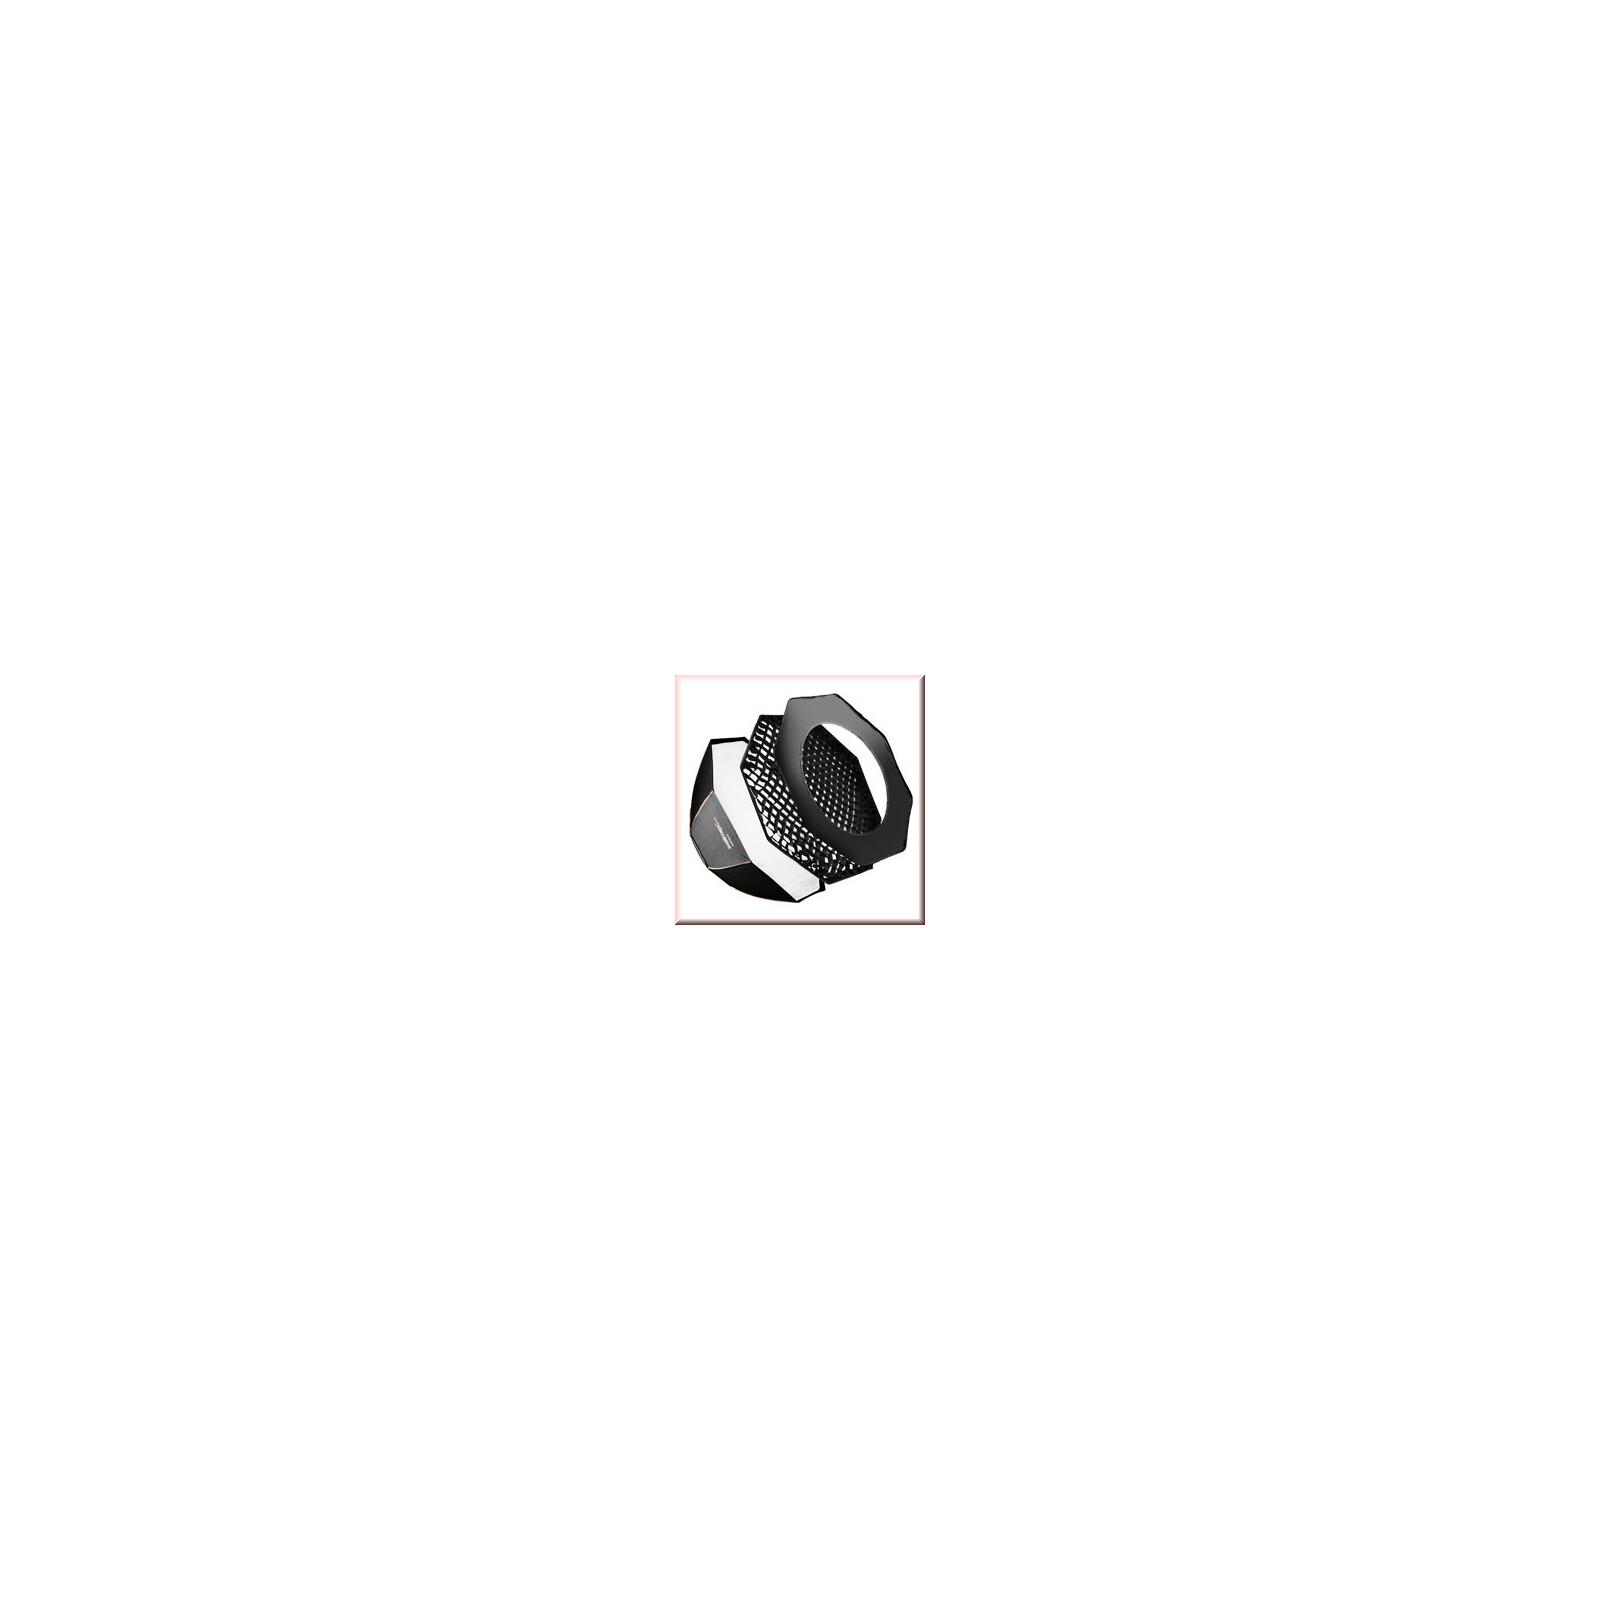 walimex pro Octa Softbox PLUS OL Ø150 Multiblitz P